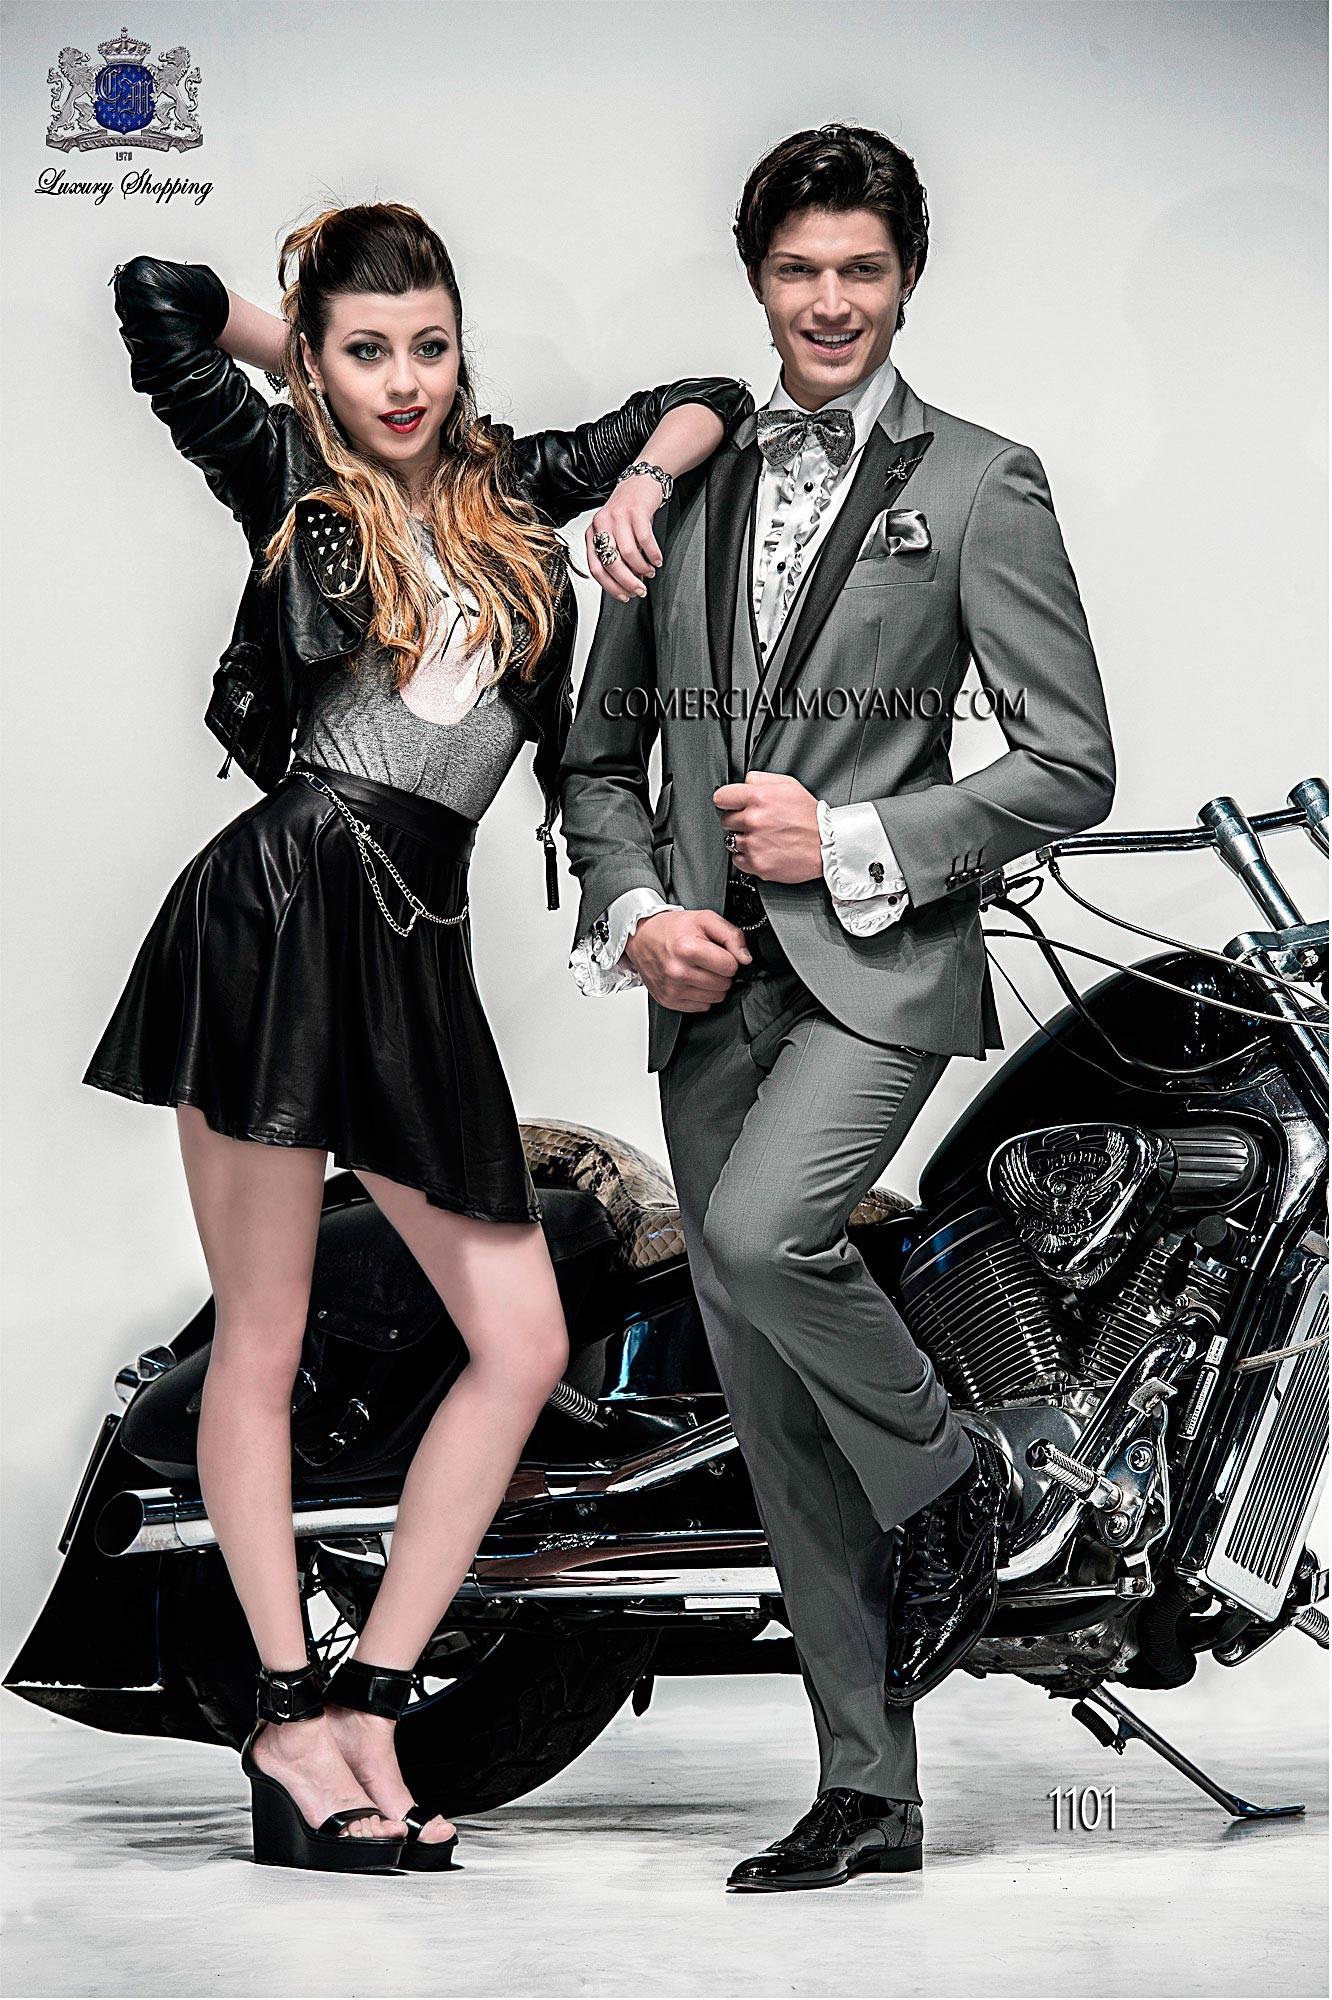 Traje de moda hombre gris modelo: 1101 Ottavio Nuccio Gala colección Emotion